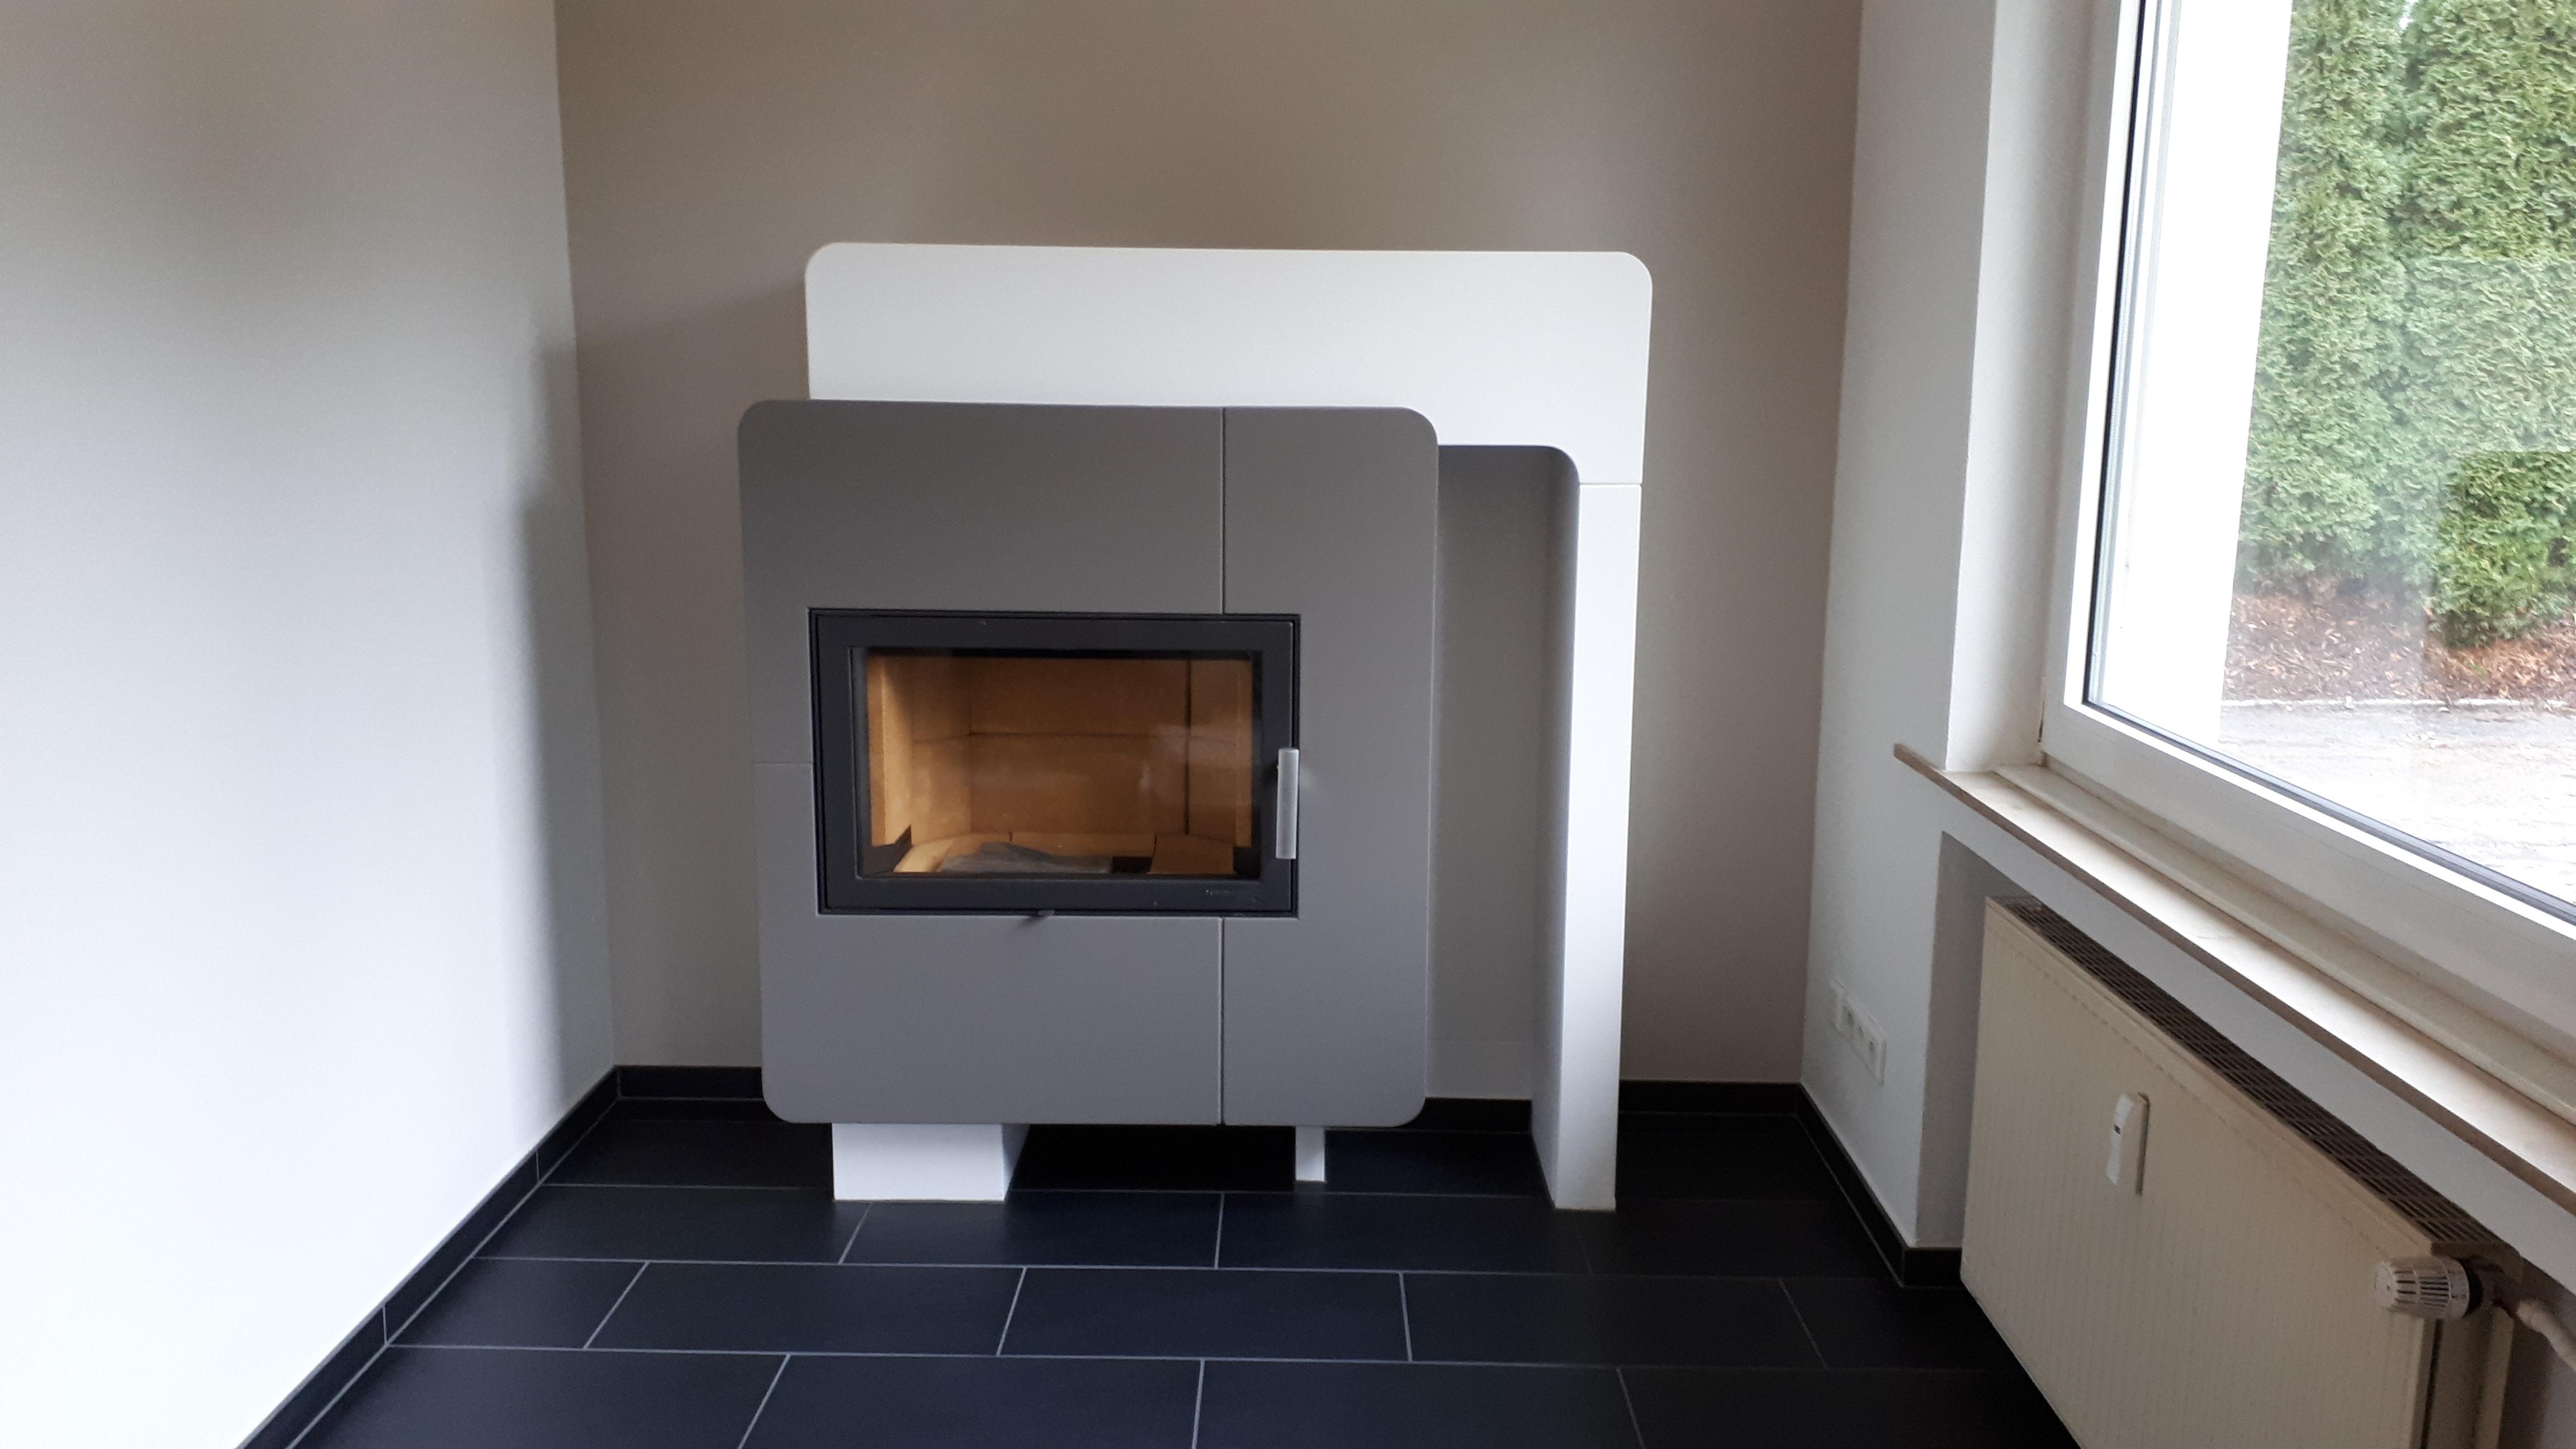 projekte armin lindenbeck malermeister. Black Bedroom Furniture Sets. Home Design Ideas